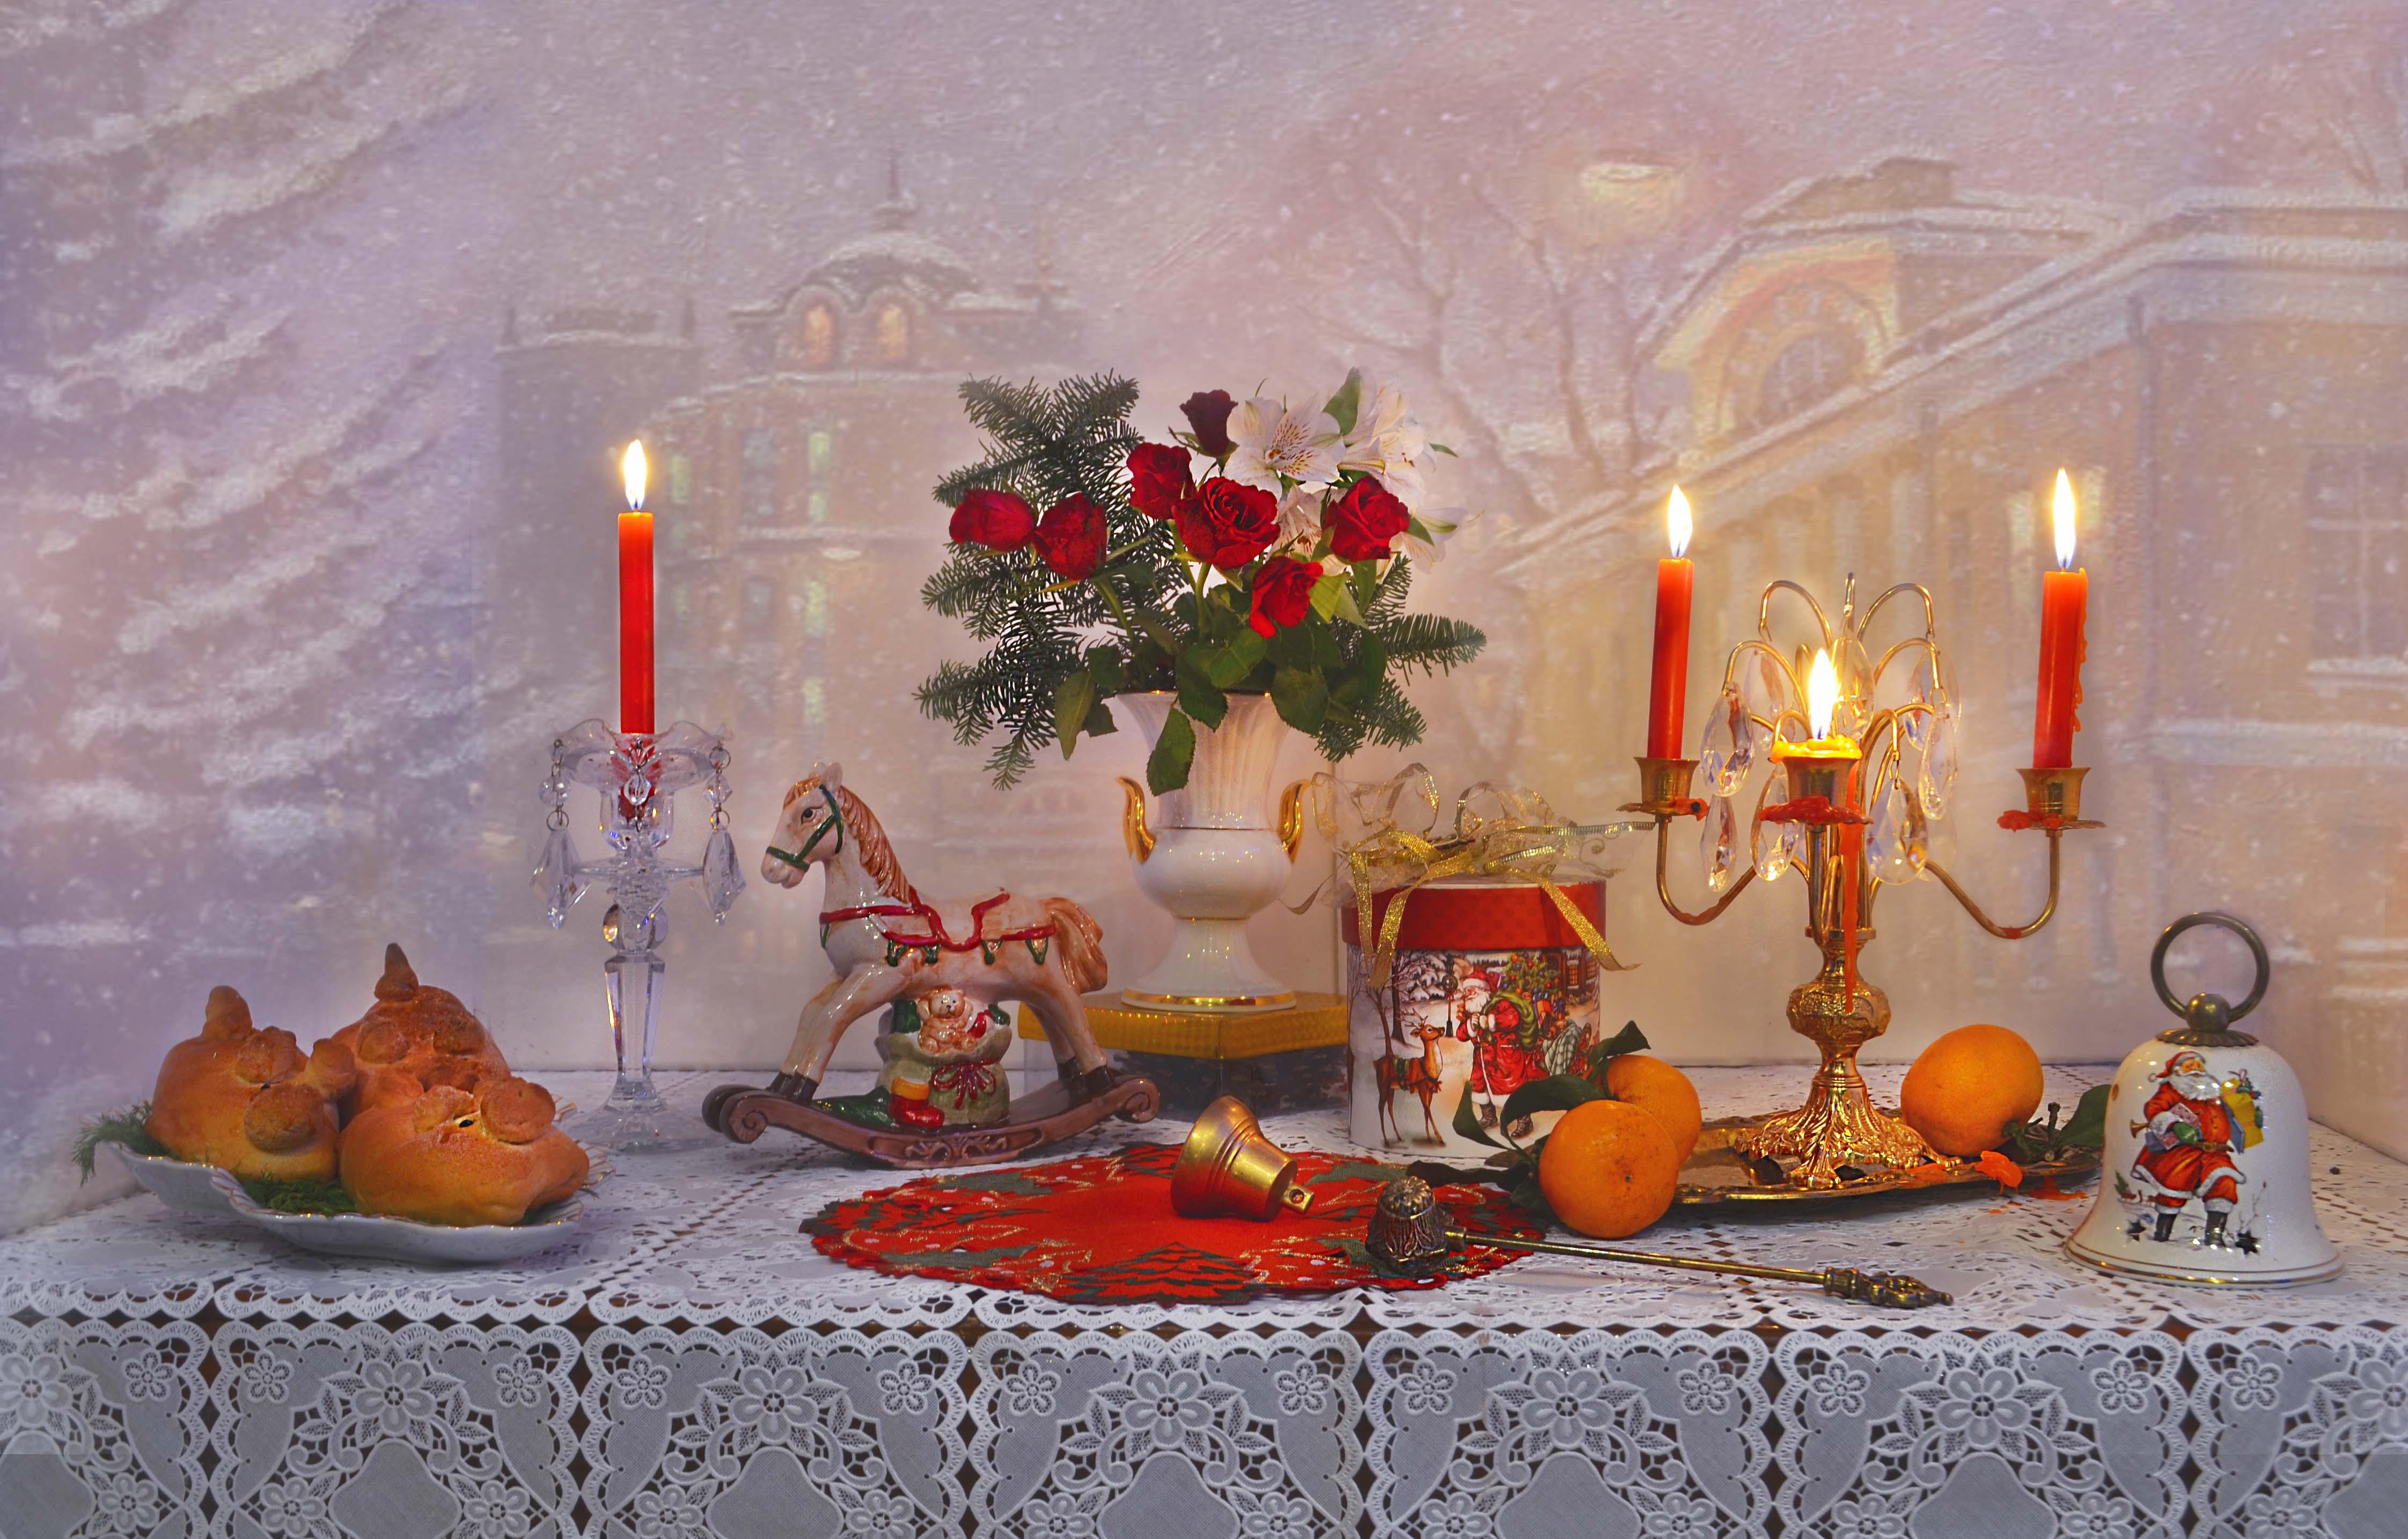 still life,натюрморт,фото натюрморт,зима, январь, праздник закончился, настроение, свечи, подсвечник, Колова Валентина